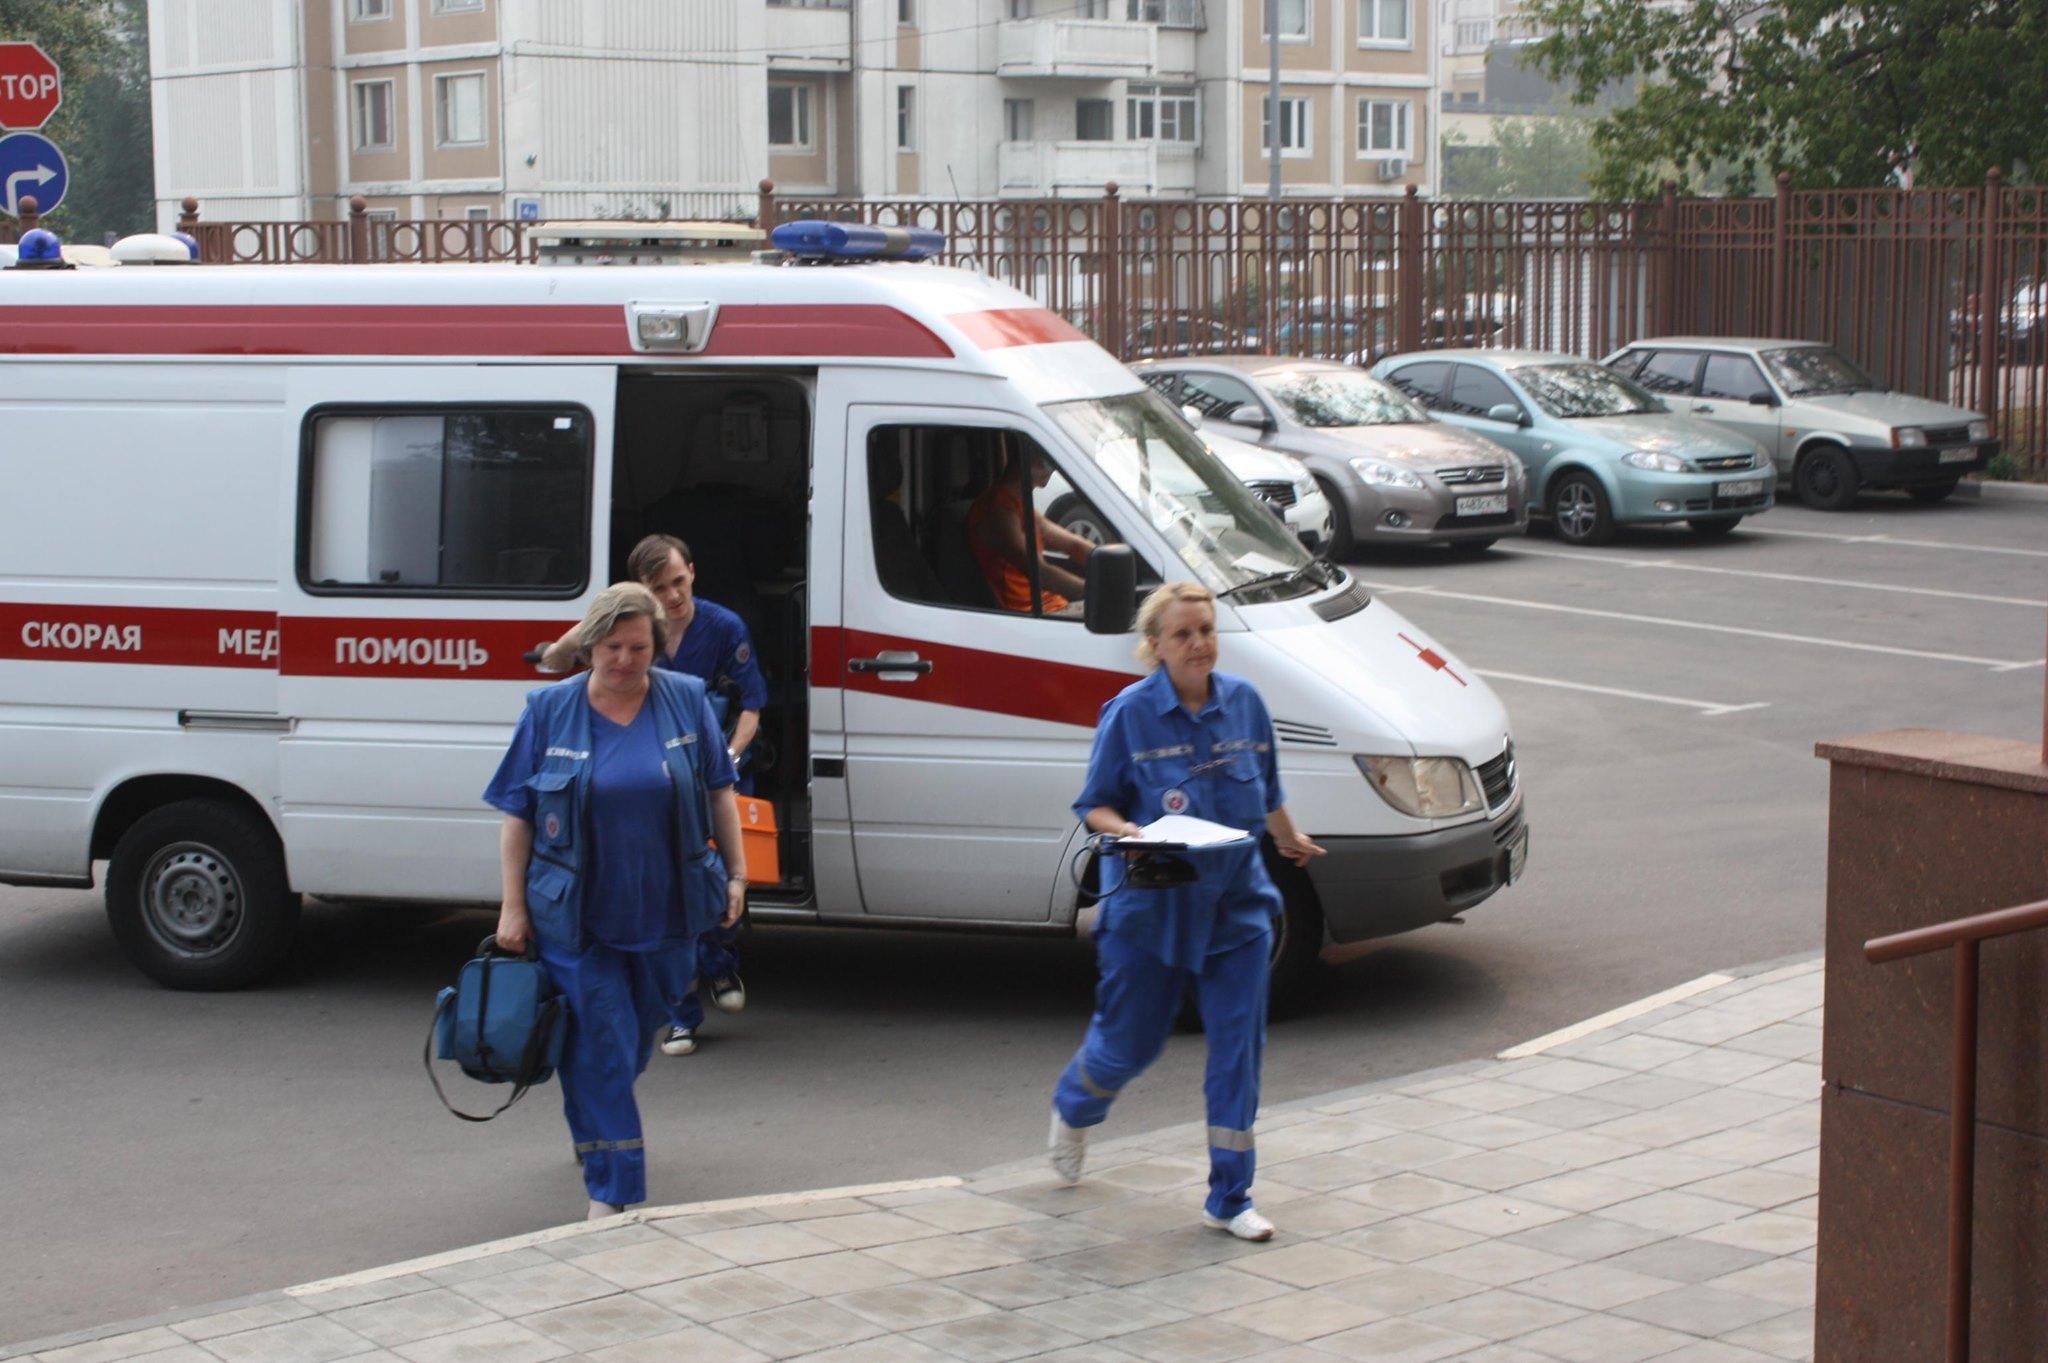 В России смертность от употребления наркотиков выросла на 60%